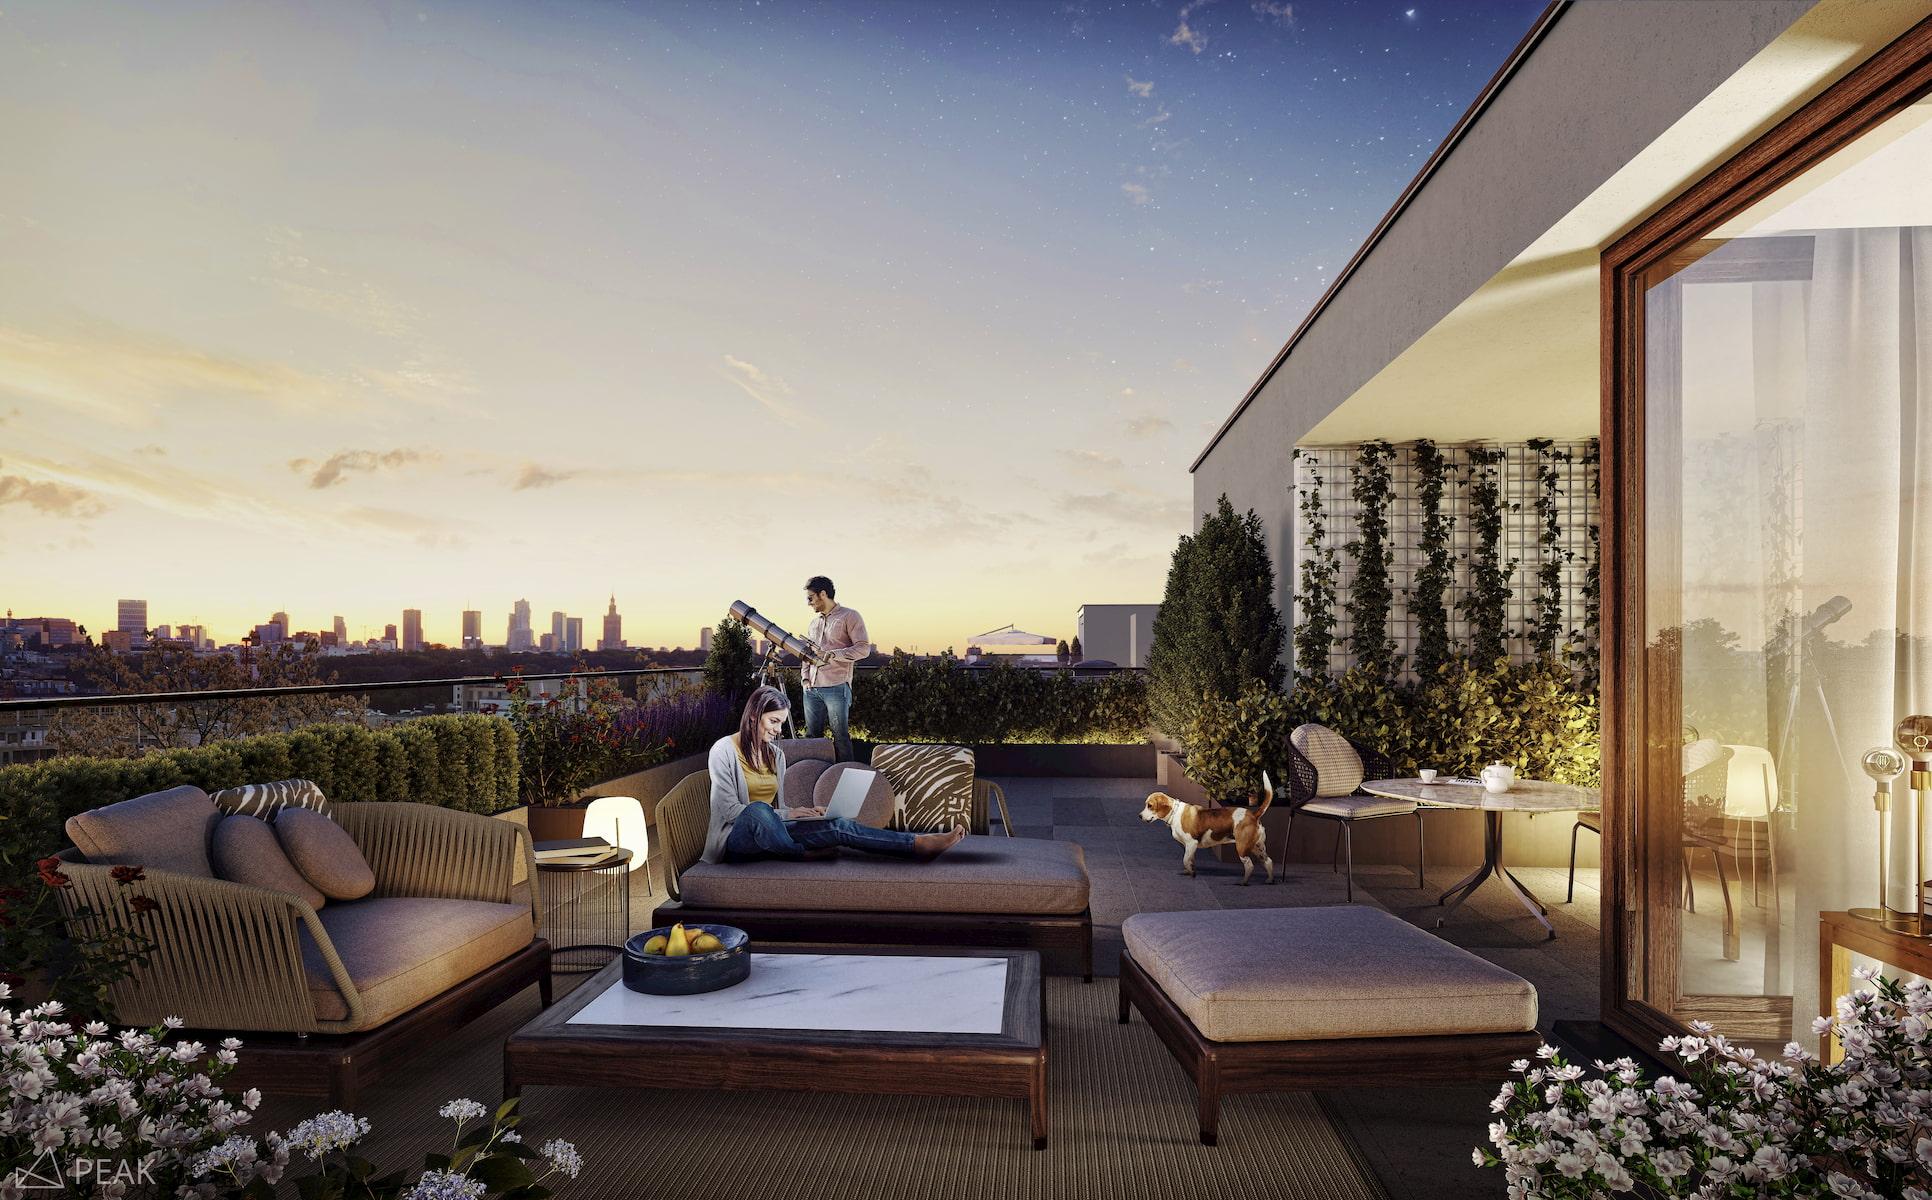 Housing estate in Warsaw Yareal Maas Projekt 2019 terrace